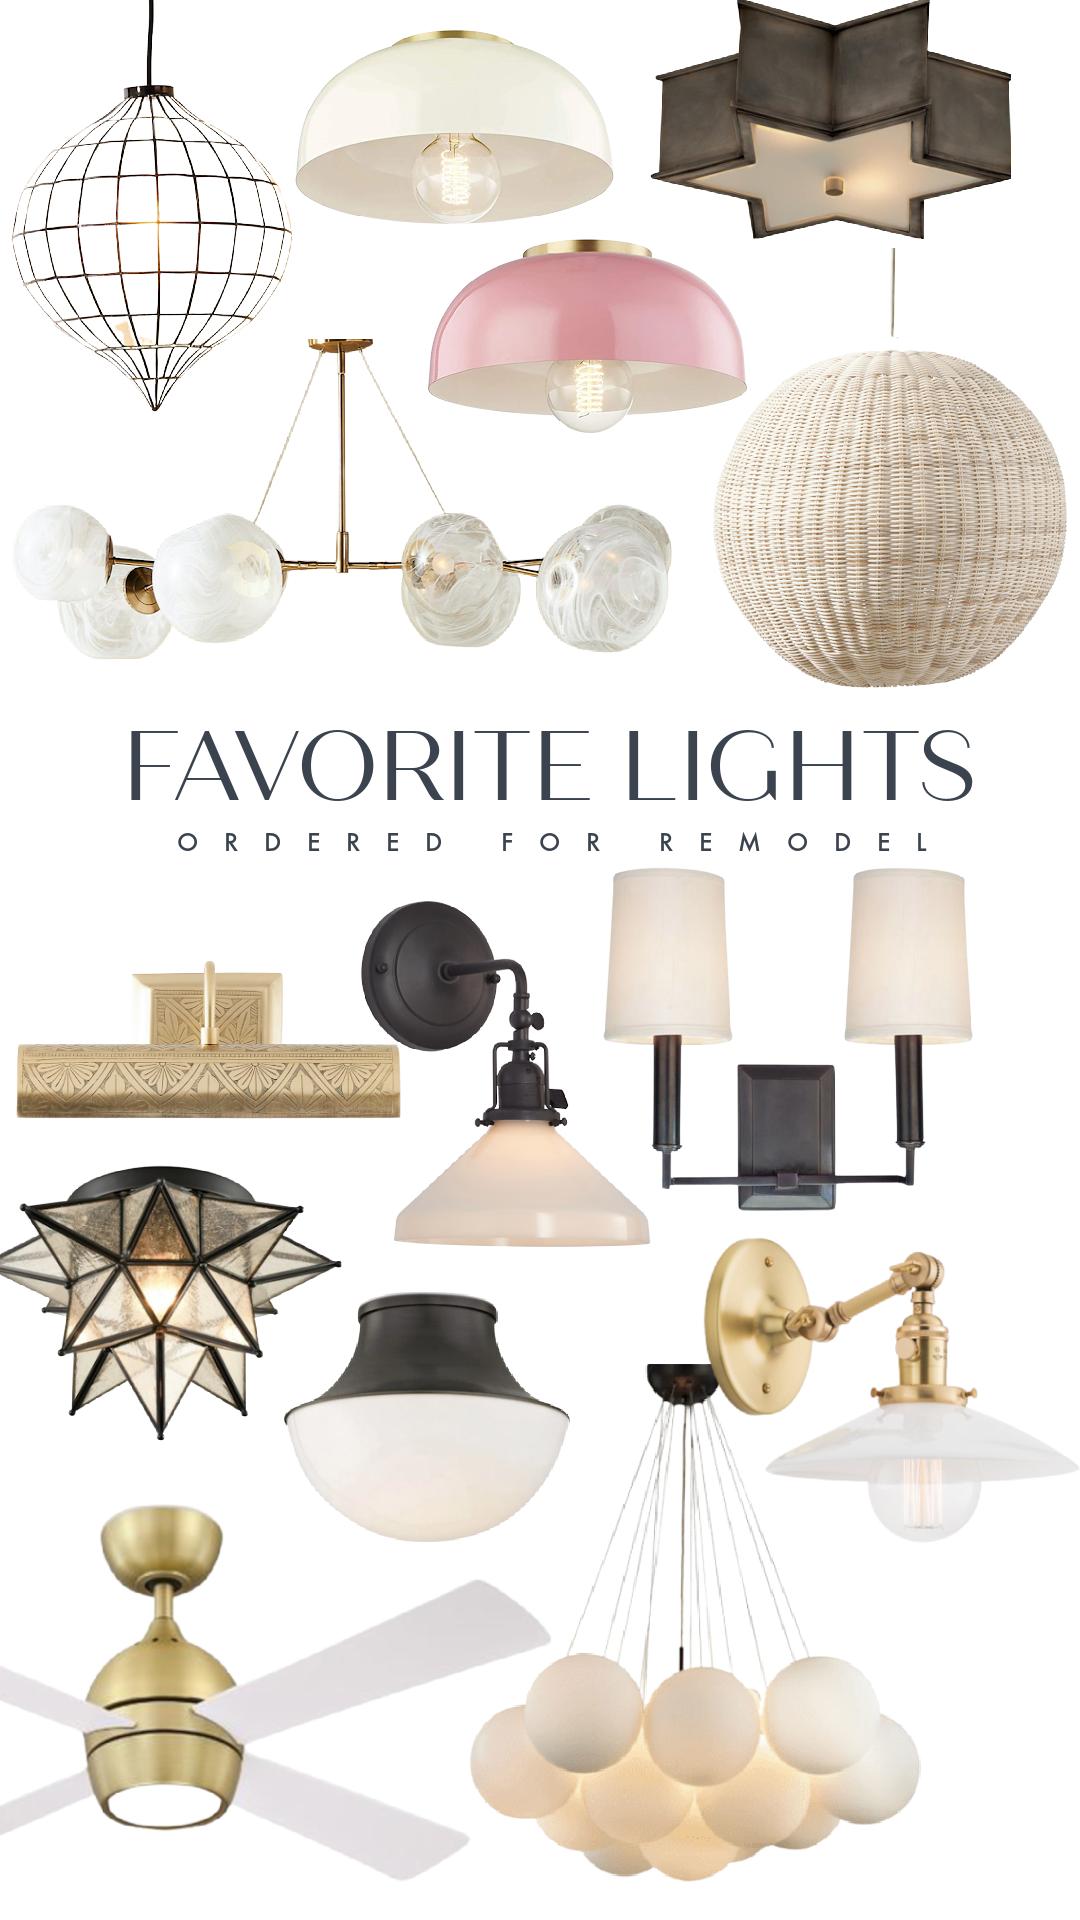 Favorite Light Fixtures